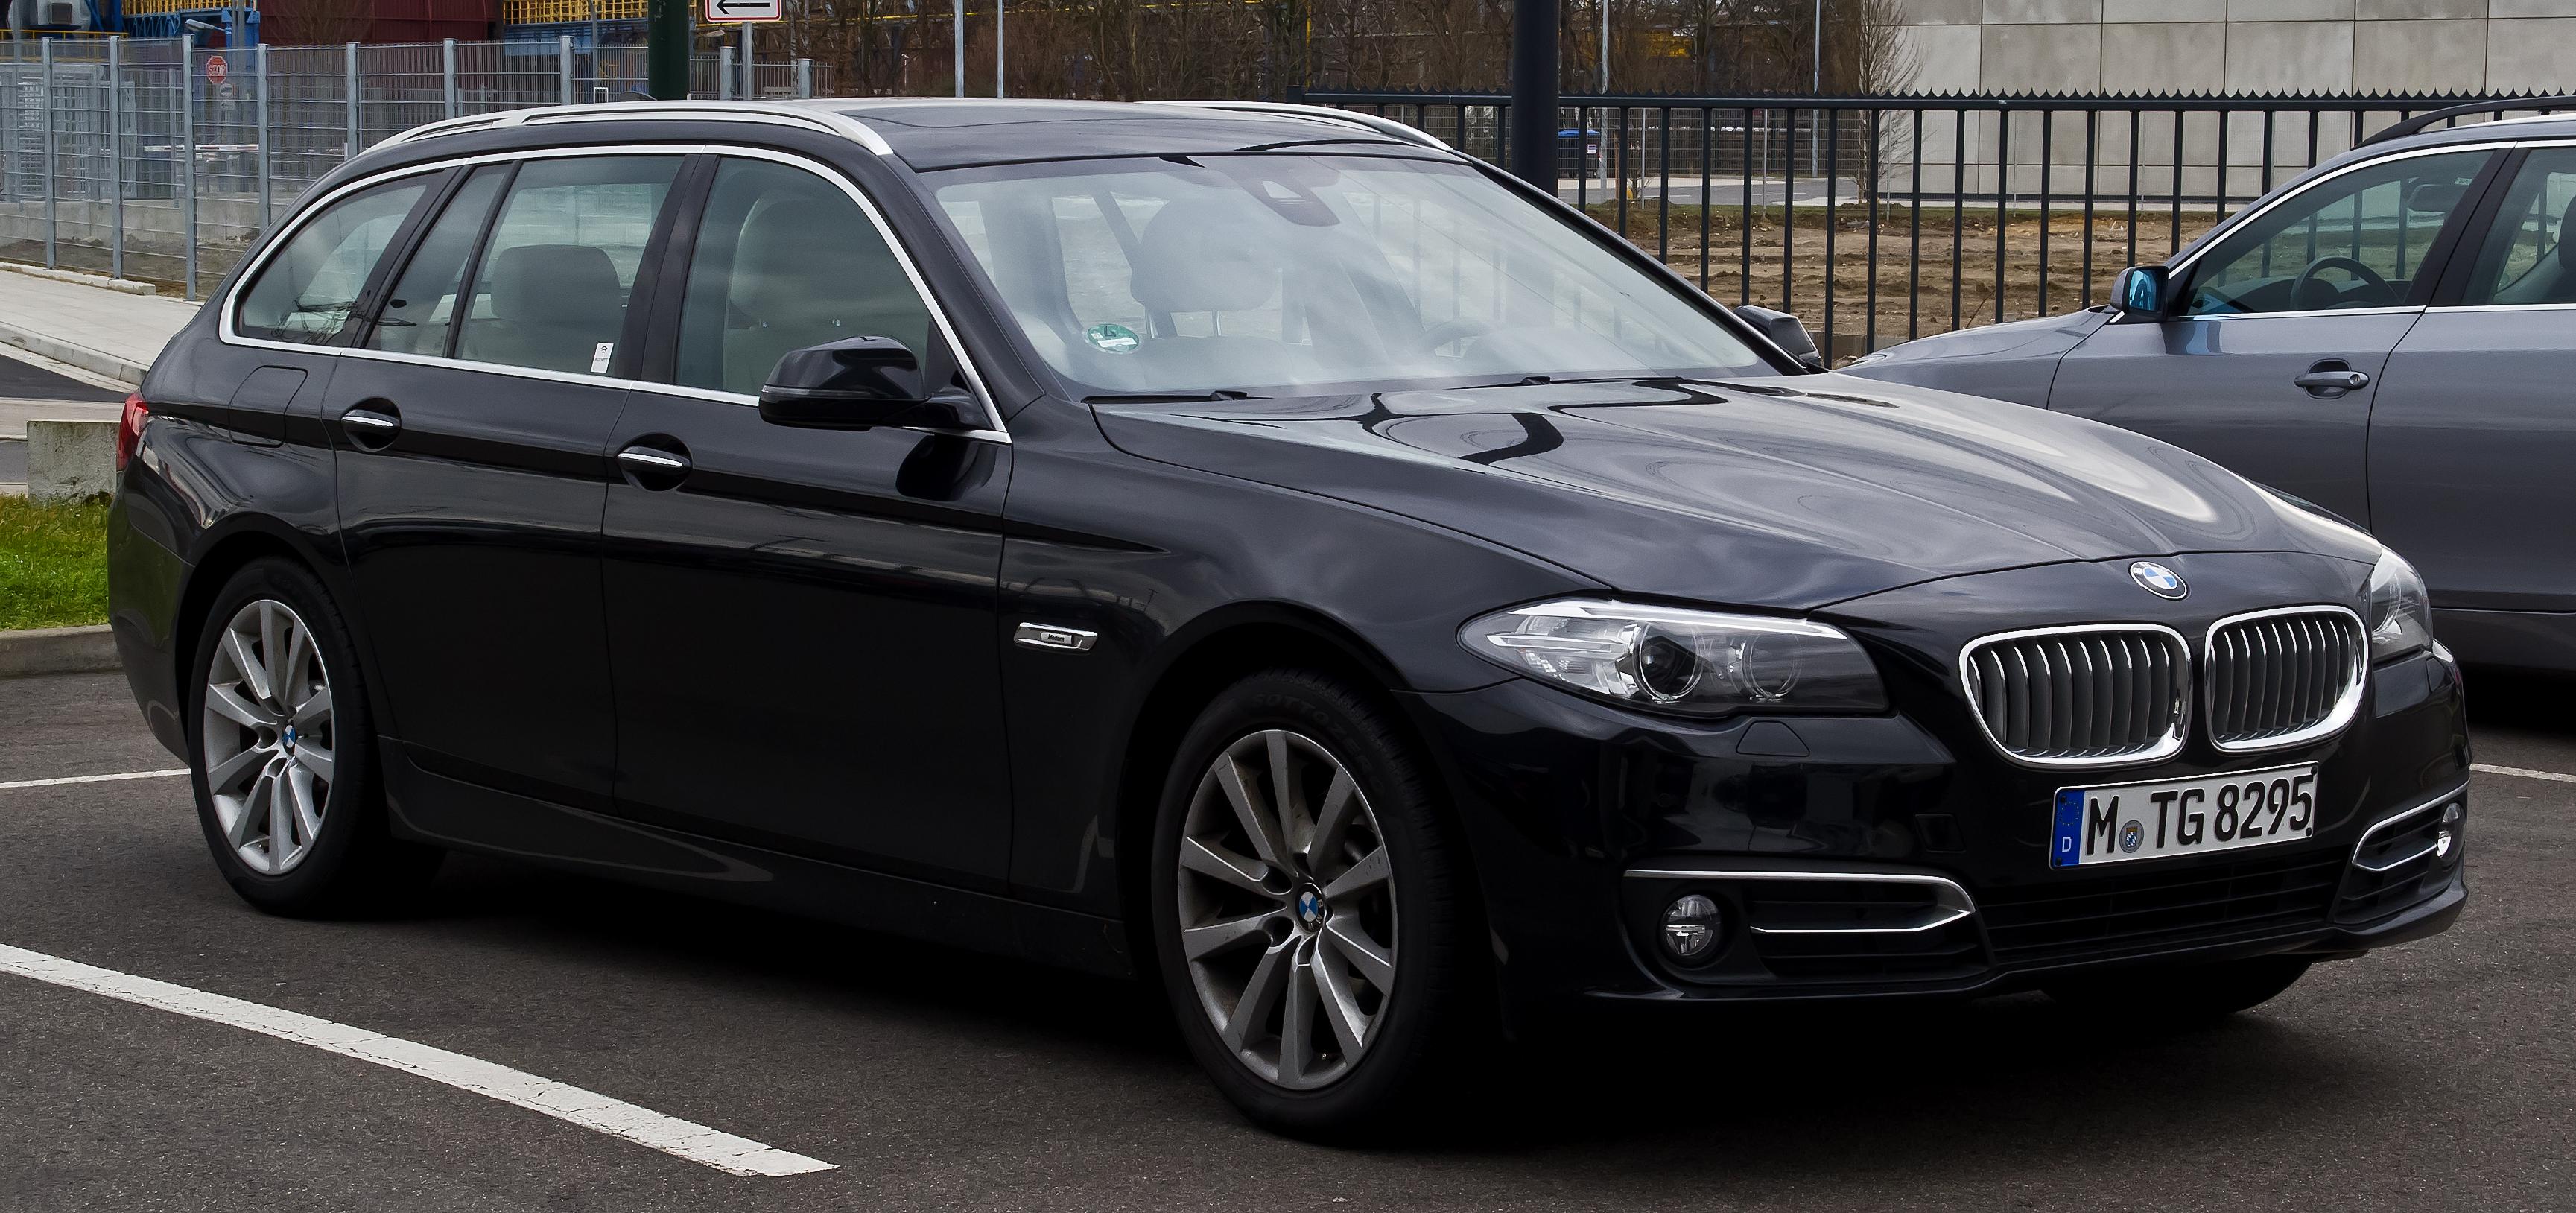 File:BMW 520i Touring Modern Line (F11, Facelift